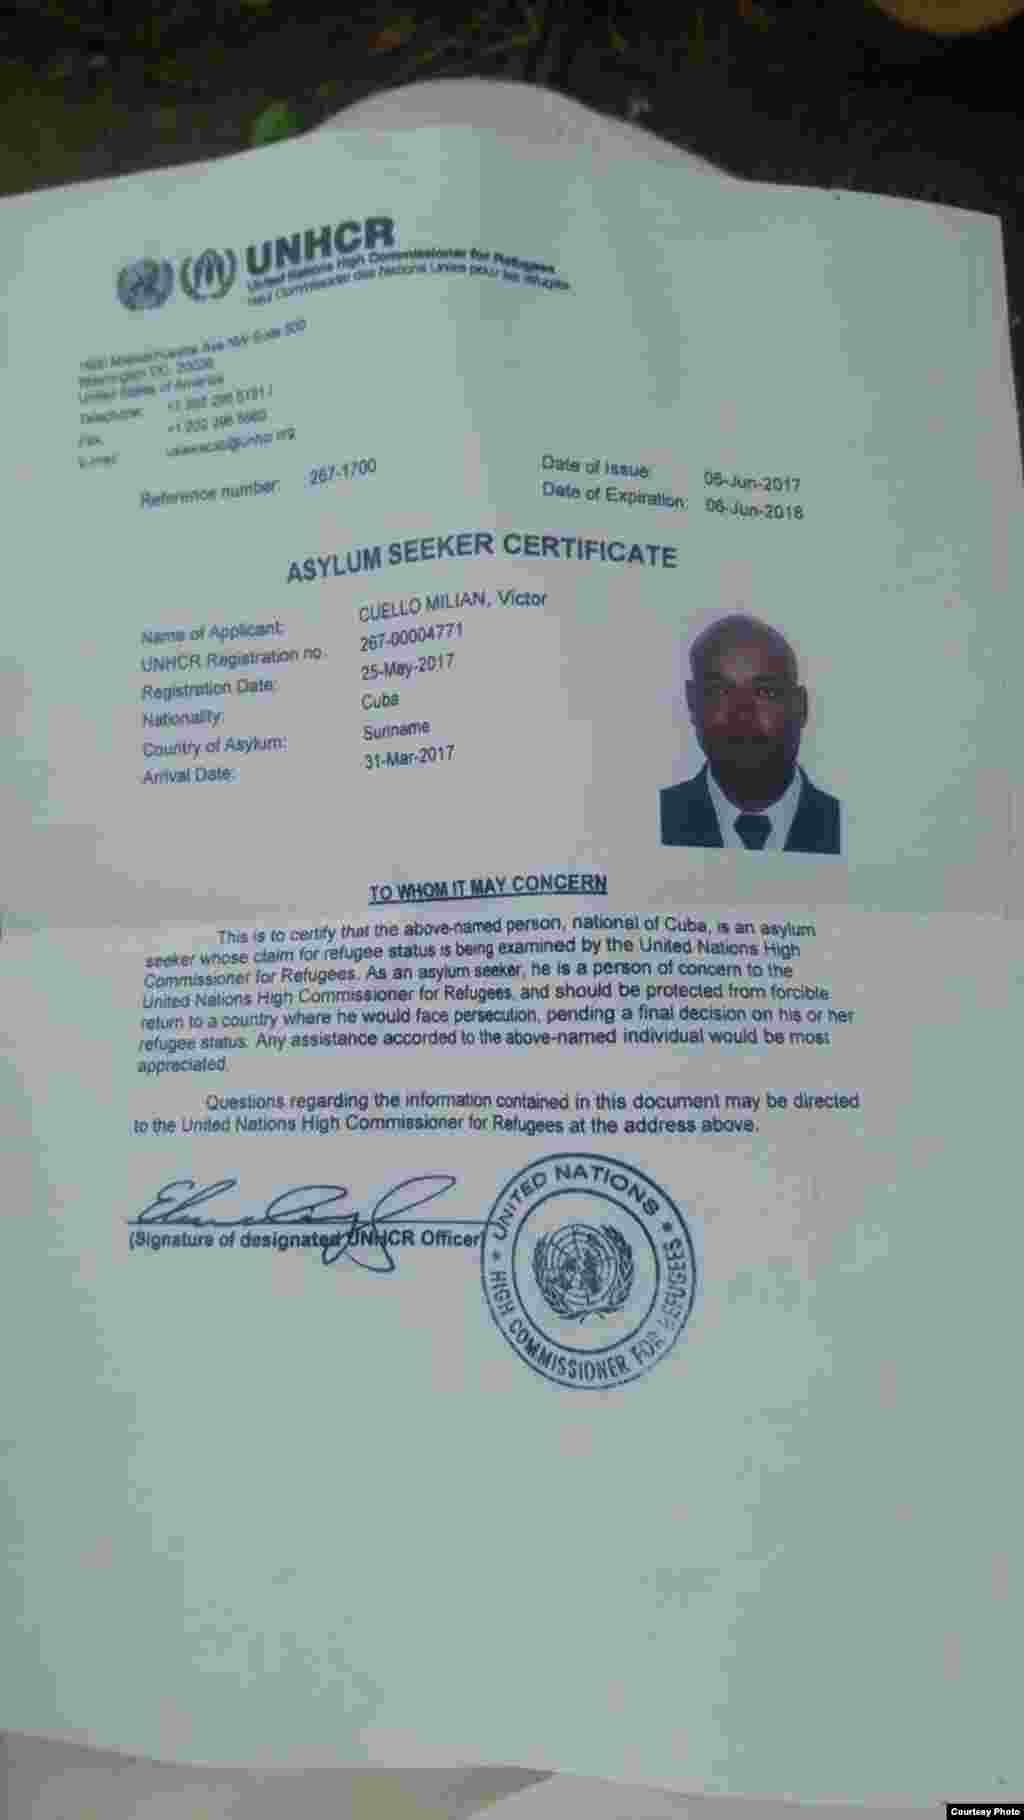 Certificado de refugiado, concedido por ACNUR a Víctor Cuello Milián.